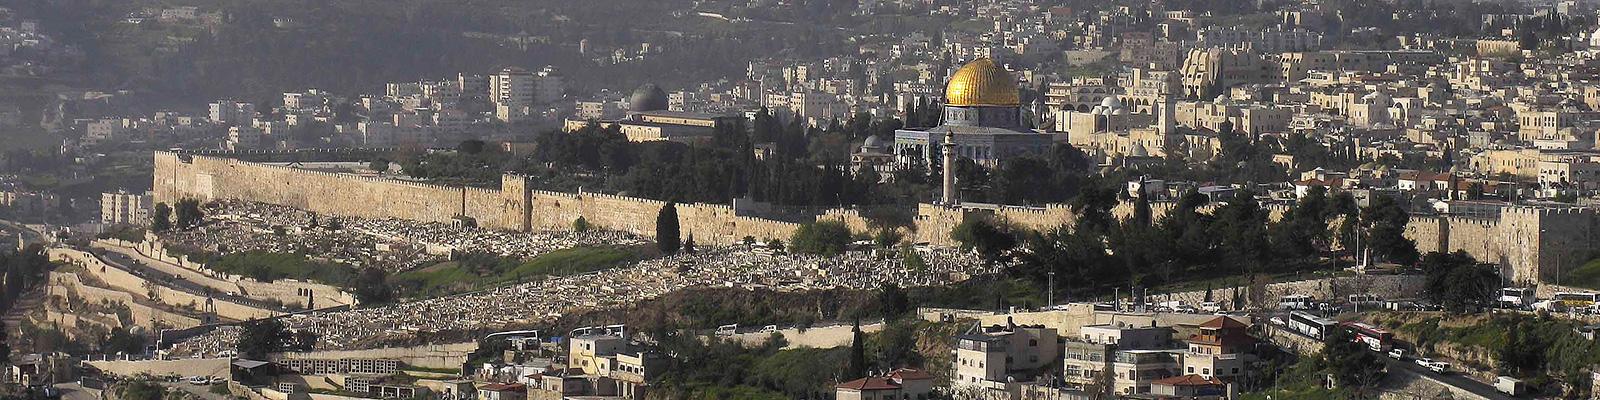 教育から探るイスラエルの強さの秘密(1)